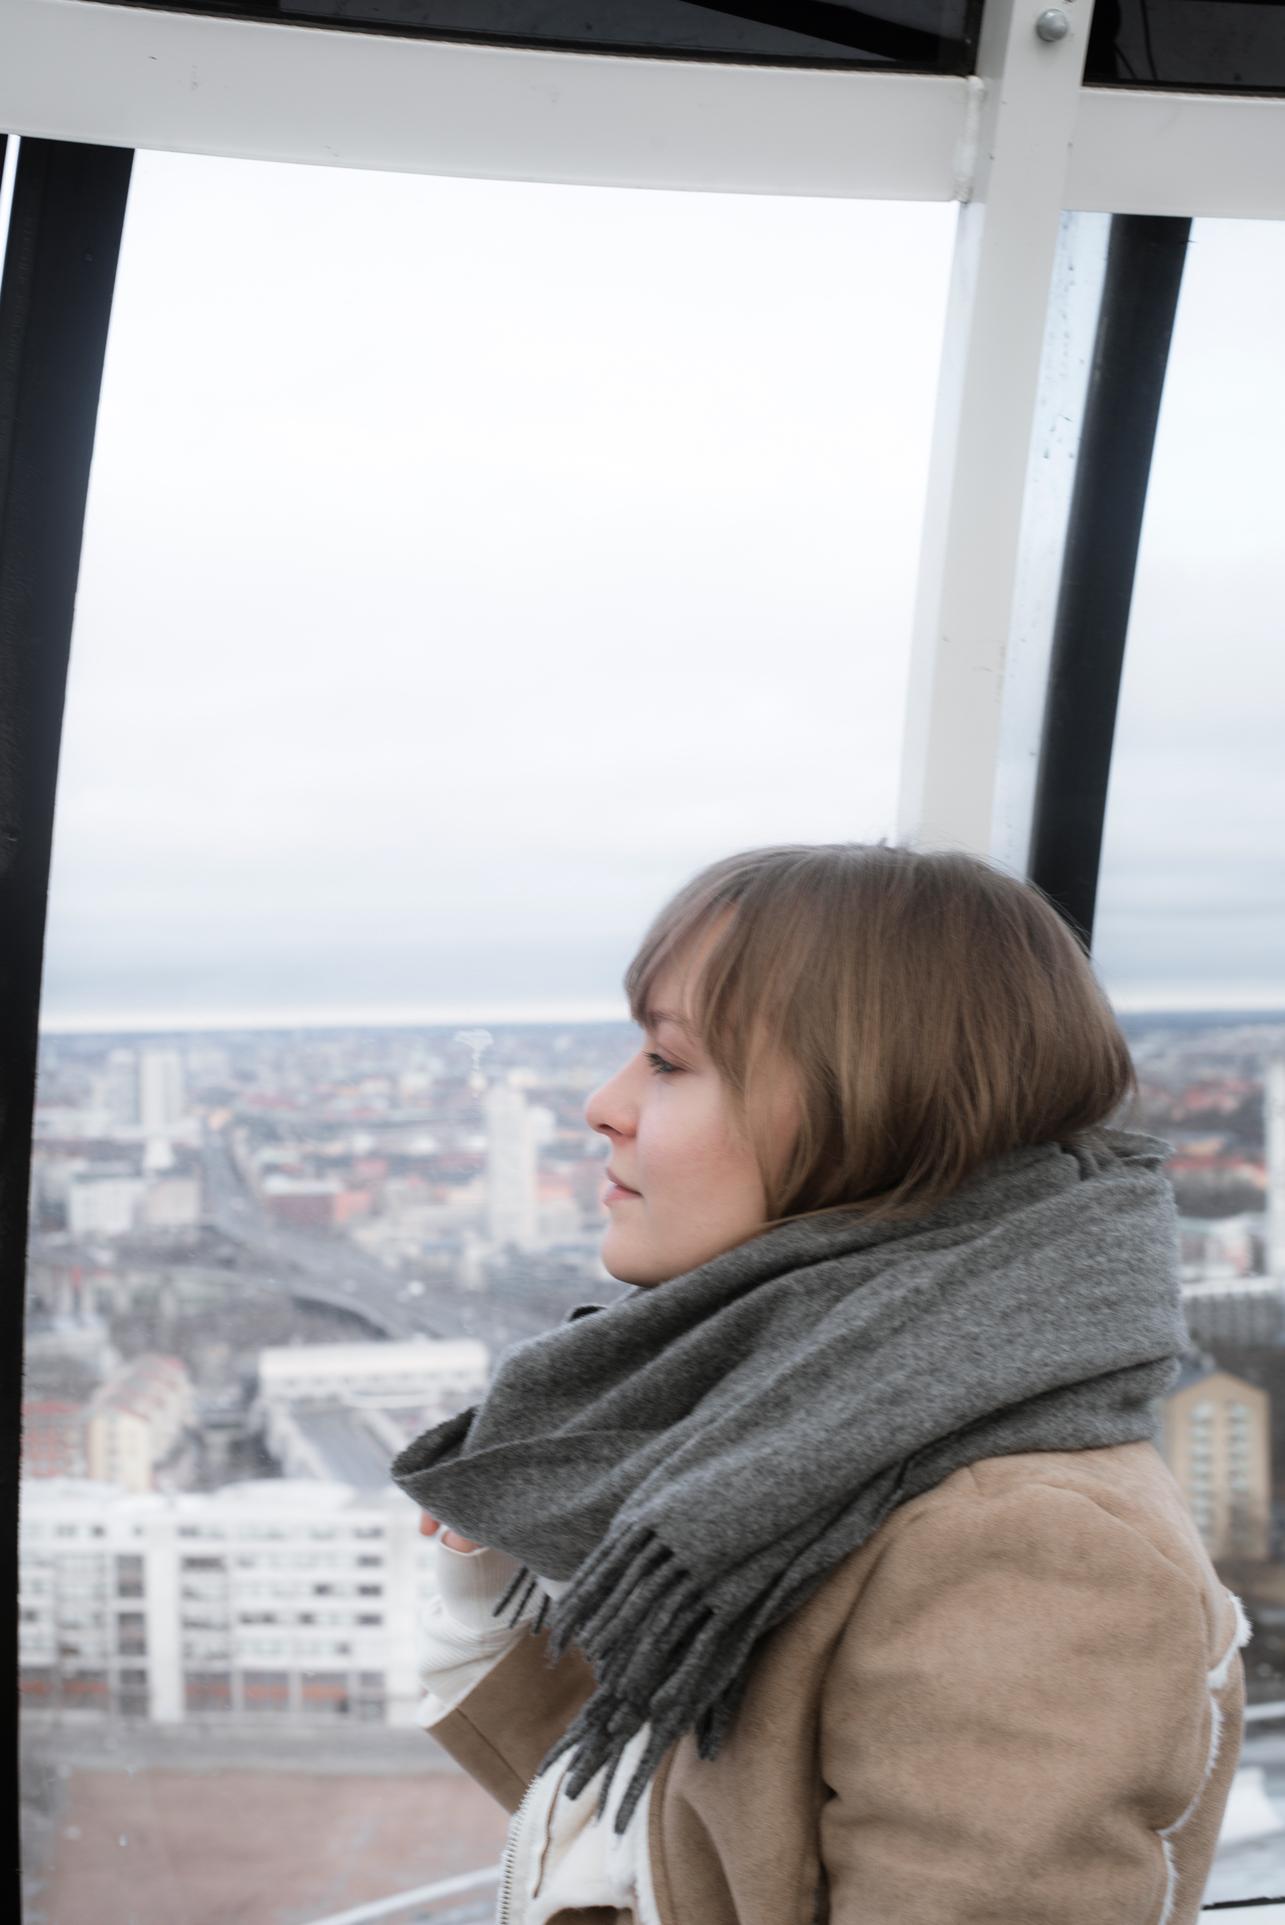 hellomarta-LifestyleBlog-Wien-Travelblog-What-to-do-in-Stockholm-Travel-Diary-Stockholm-Fashionblog-Wien-Vienna-Austria-Blogger-(24-von-36)